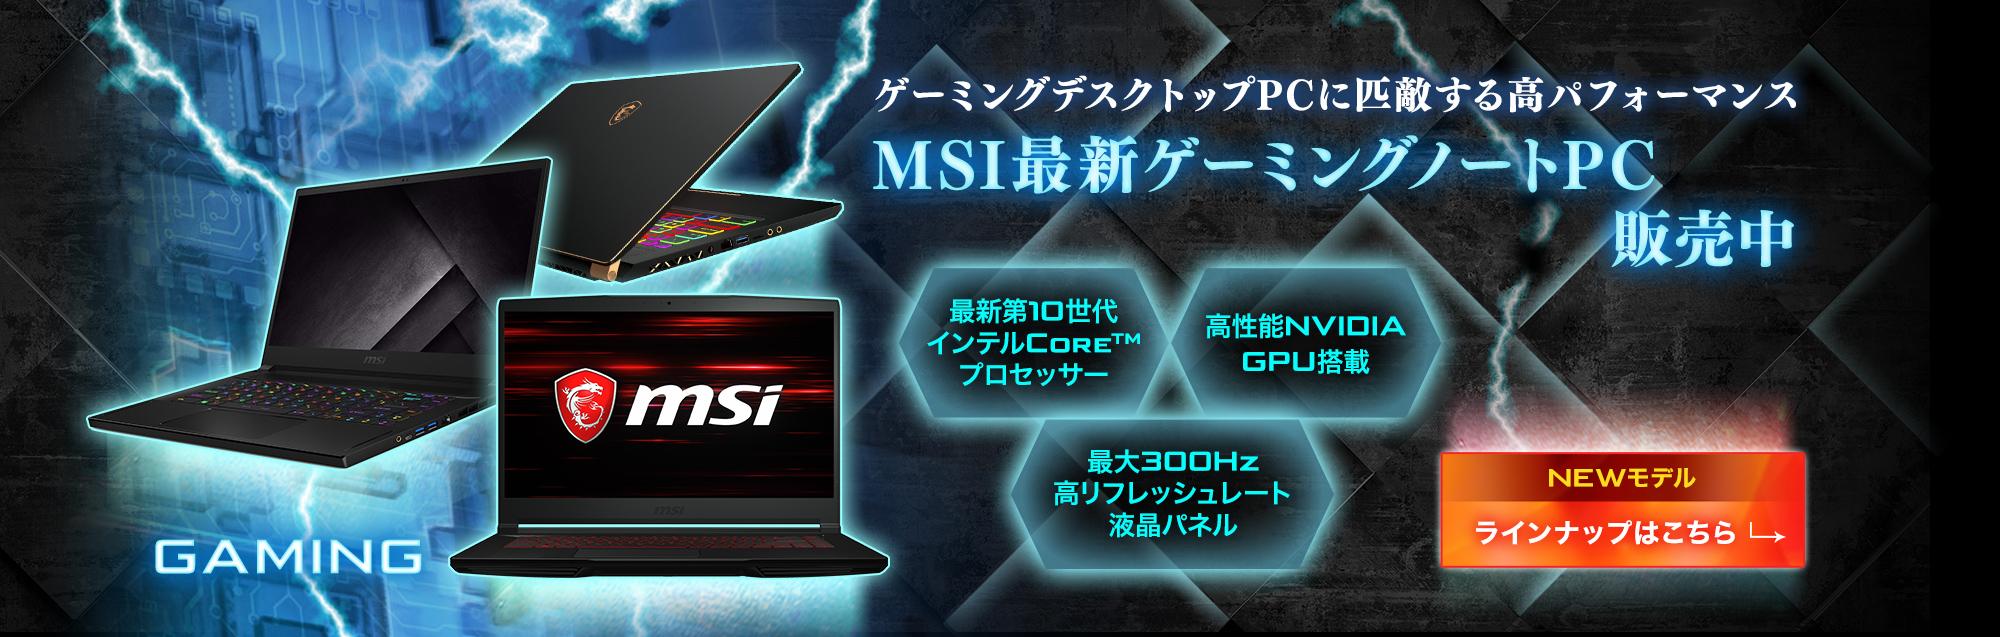 MSI最新ゲーミングノート発売中